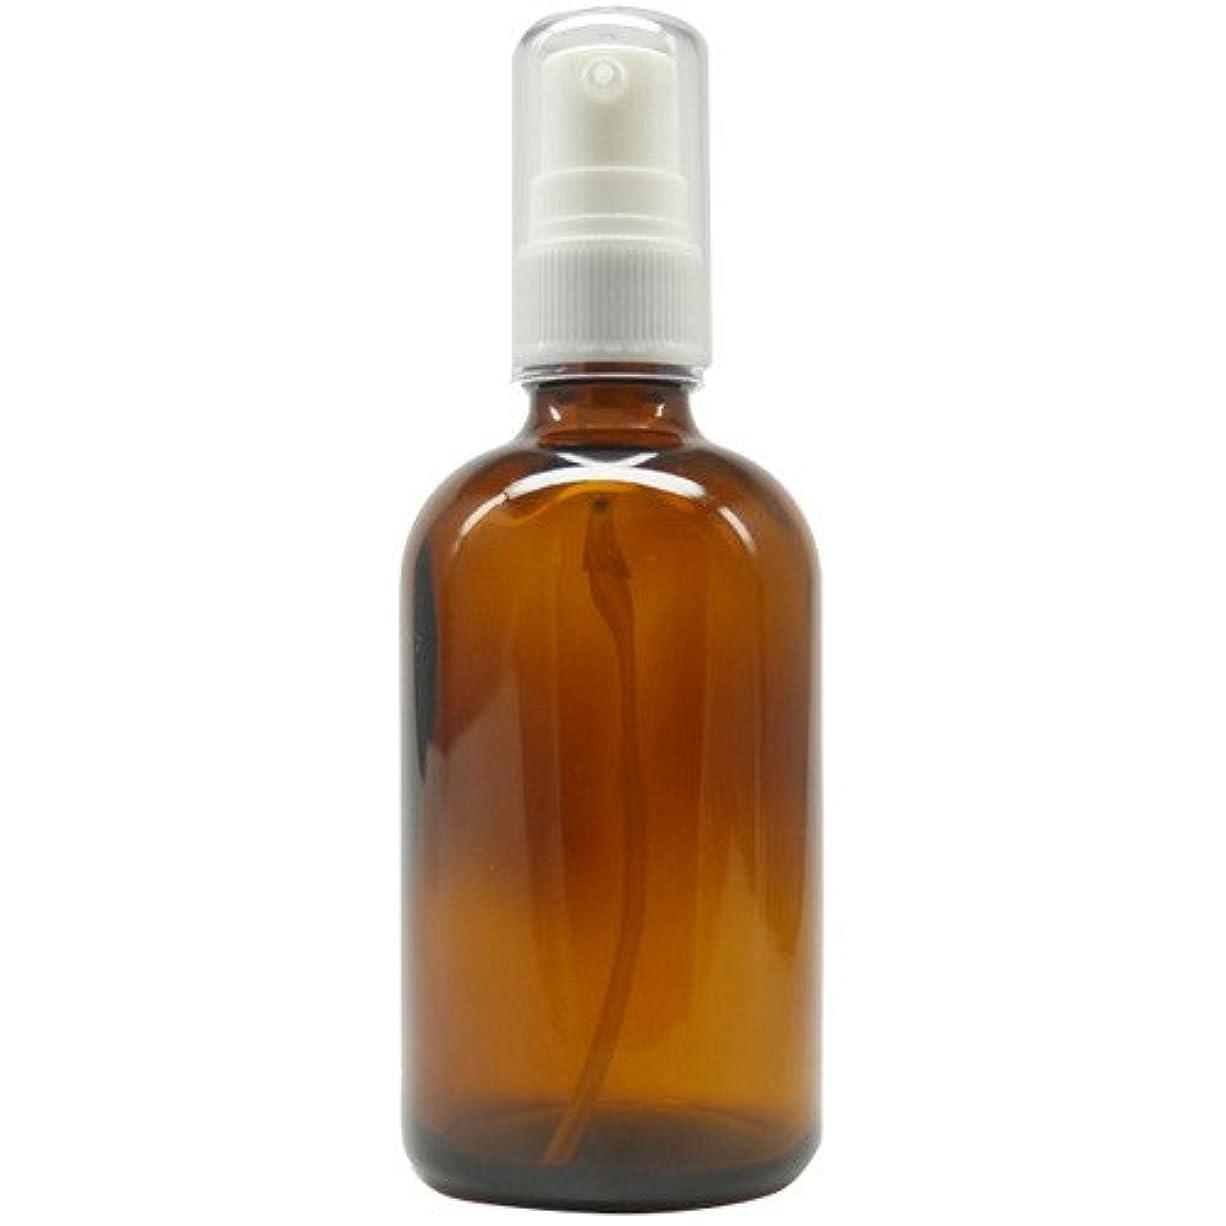 愛国的な副詞あたたかいアロマアンドライフ (D)茶褐色ポンプ瓶100ml 3本セット